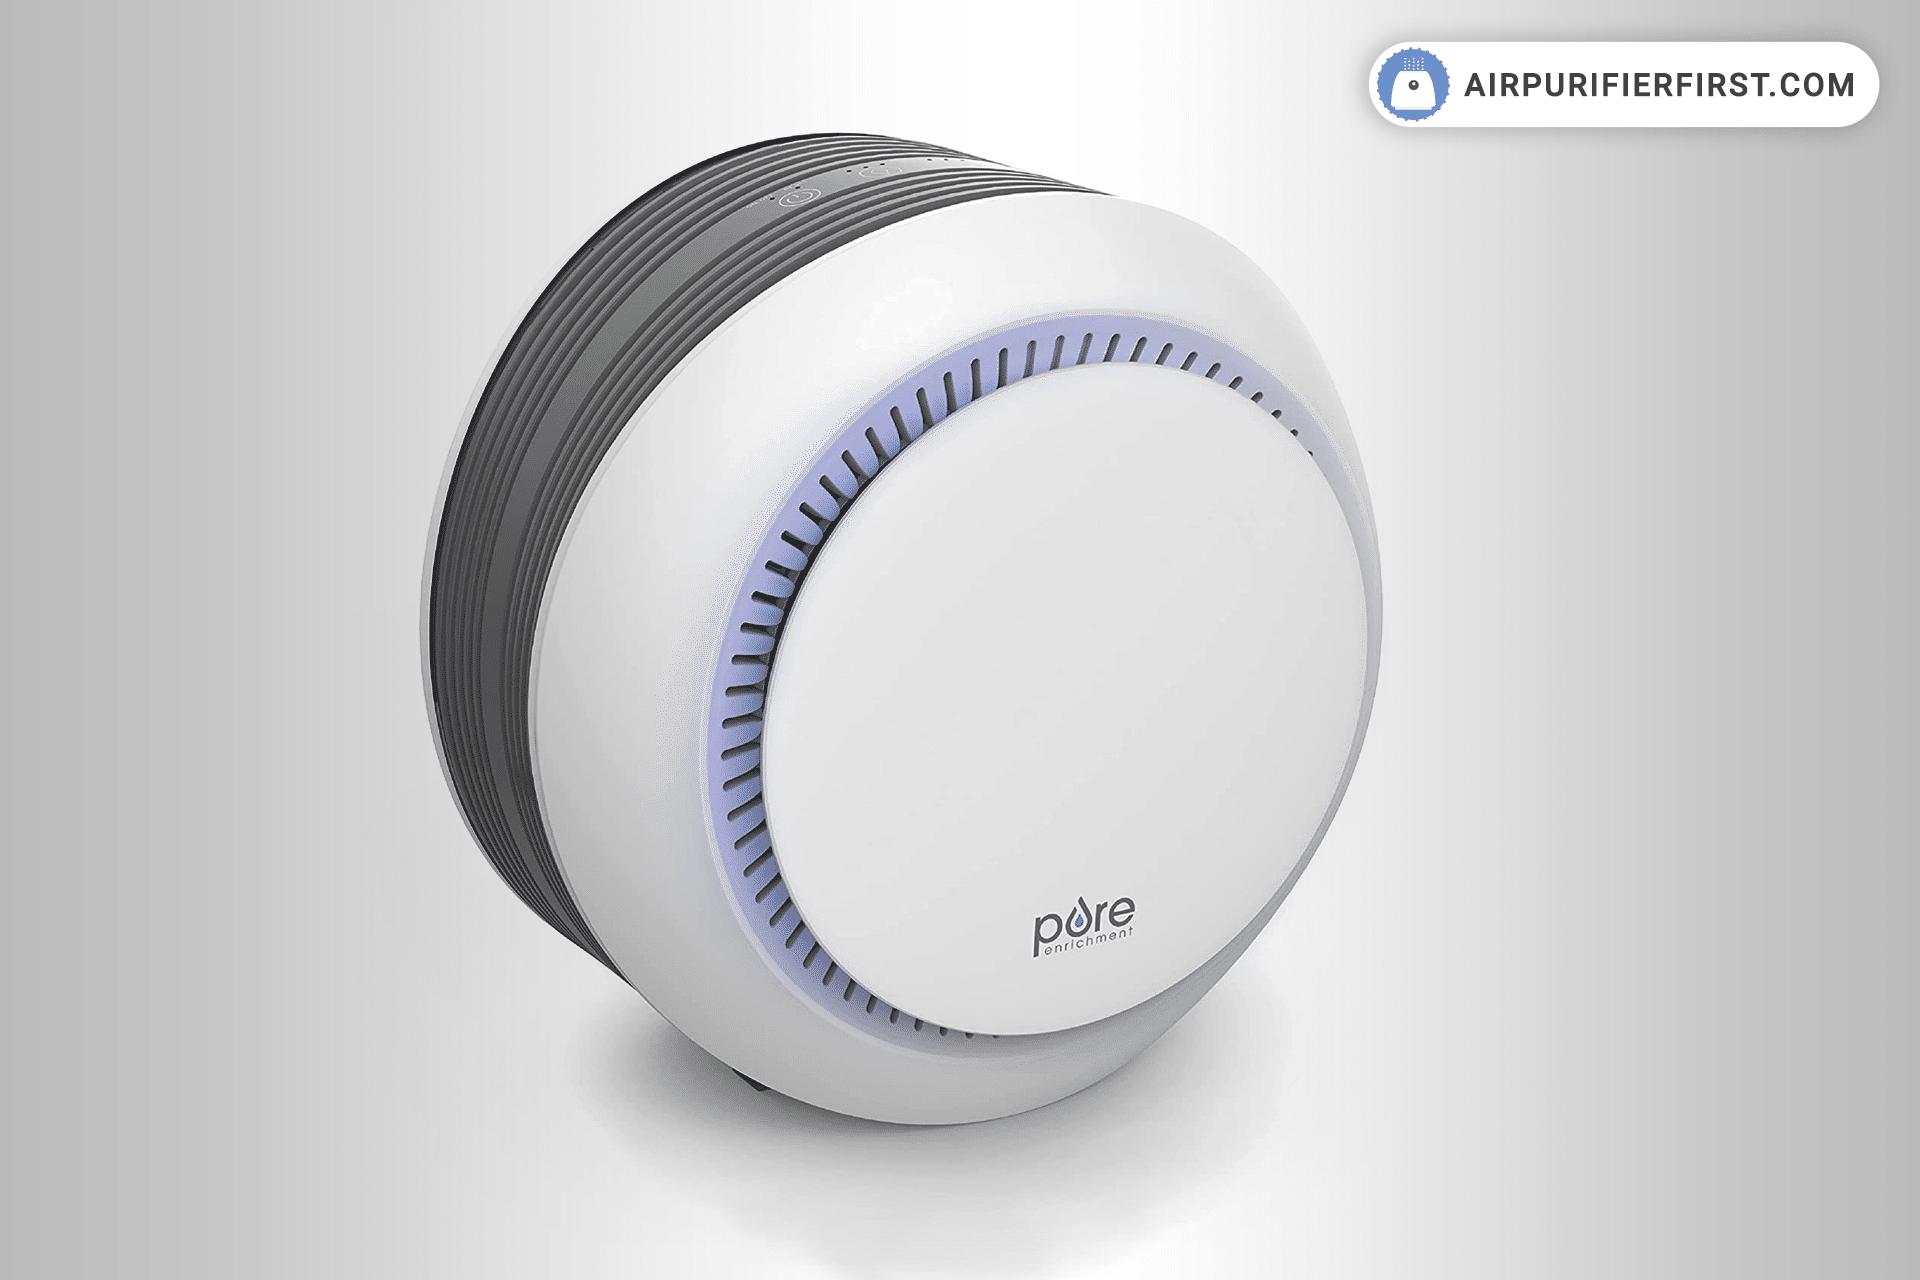 Pure Enrichment PureZone Halo Air Purifier - Best Desktop Air Purifiers